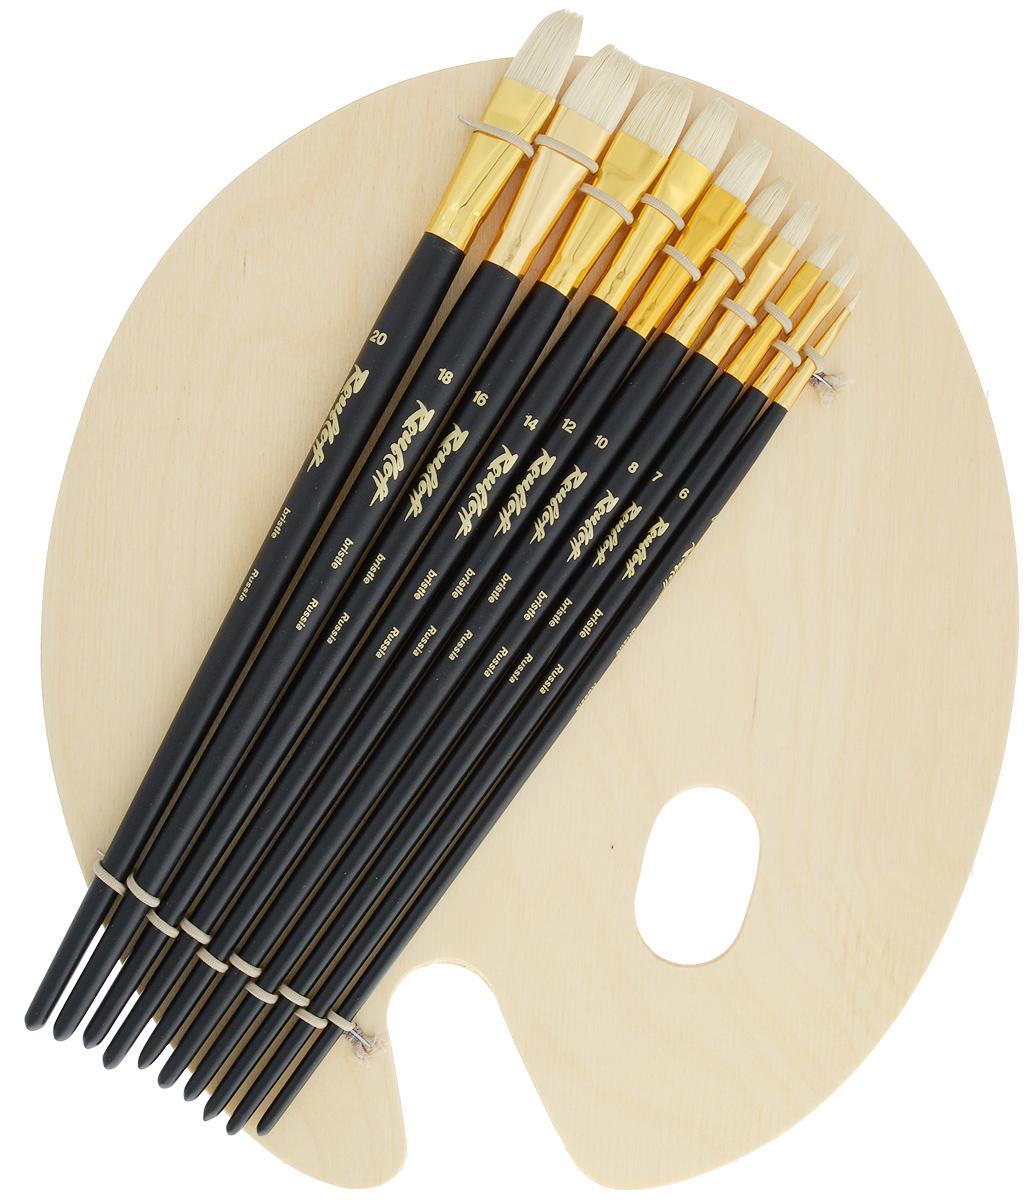 Набор кистей Rubloff №42, с палитрой, 10 шт711008Набор Rubloff №42 состоит из десяти плоских кистей №4, 6, 7, 8, 10, 12, 14, 16, 18, 20 и овальной деревянной палитры. Такой набор идеально подойдет для художественных и декоративно-оформительских работ. Кисти изготовлены из щетины. Деревянные длинные ручки оснащены алюминиевыми втулками с двойной обжимкой.Длина кистей: №4 - 29,7 см; №6 - 30,8 см; №7 - 31,2 см; №8 - 31,3 см; №10 - 31,5 см; №12 - 31,8 см; №14 - 32,5 см; №16 - 32,2 см; №18 - 32,2 см; №20 - 33 см.Длина пучка: №4 - 7 мм; №6 - 1 см; №7 - 1,2 см; №8 - 1,4 см; №10 - 1,5 см; №12 - 1,7 см; №14 - 1,9 см; №16 - 2 см; №18 - 2,2 см; №20 - 2,6 см.Размер палитры: 33 х 28,5 х 0,2 см.